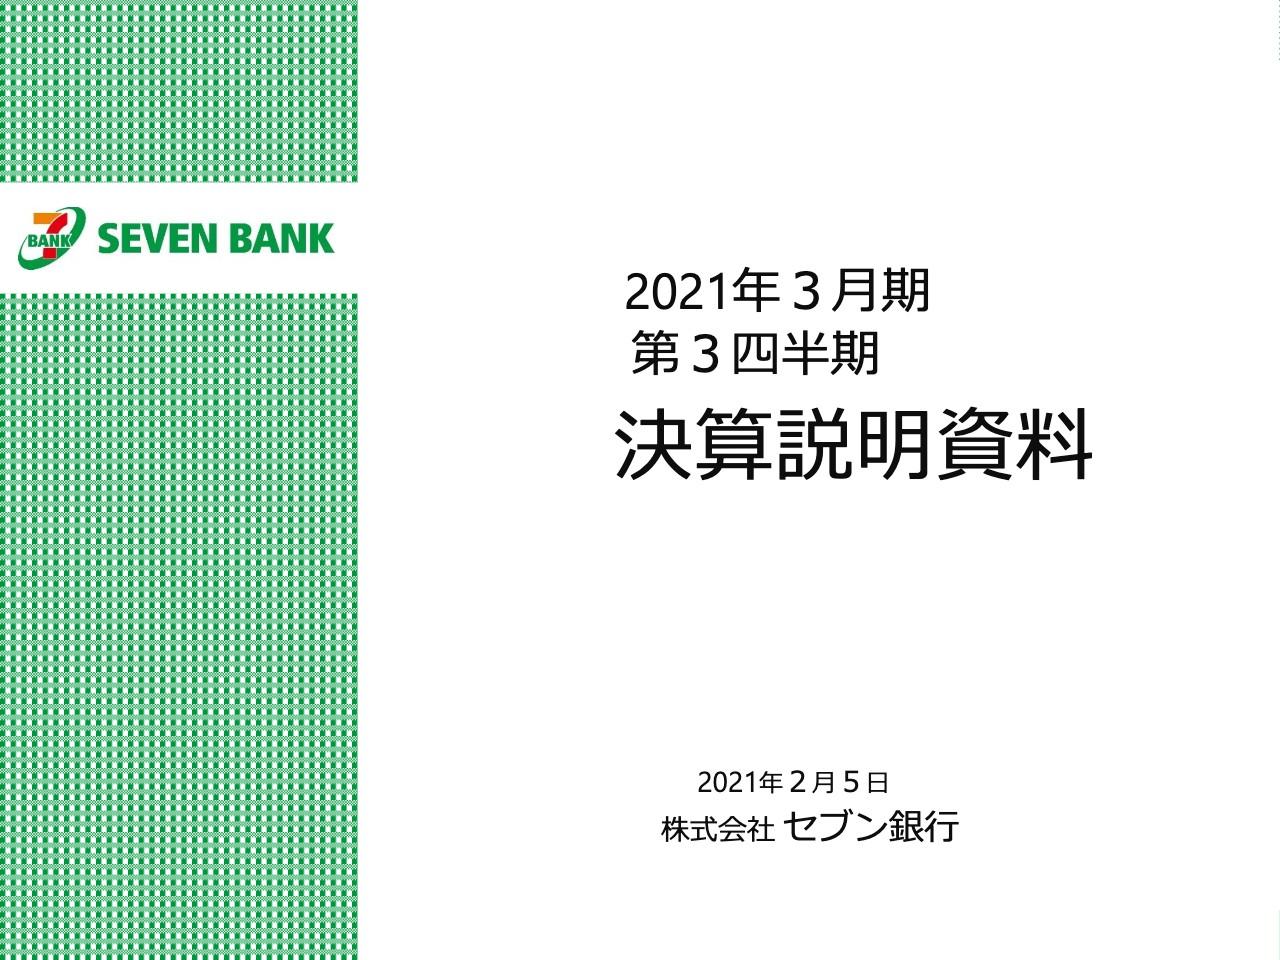 セブン銀行、コロナ禍を主因に3Qの経常収益は前年同期比-7.4% フィリピン事業開始等の事業多角化は堅調に進捗